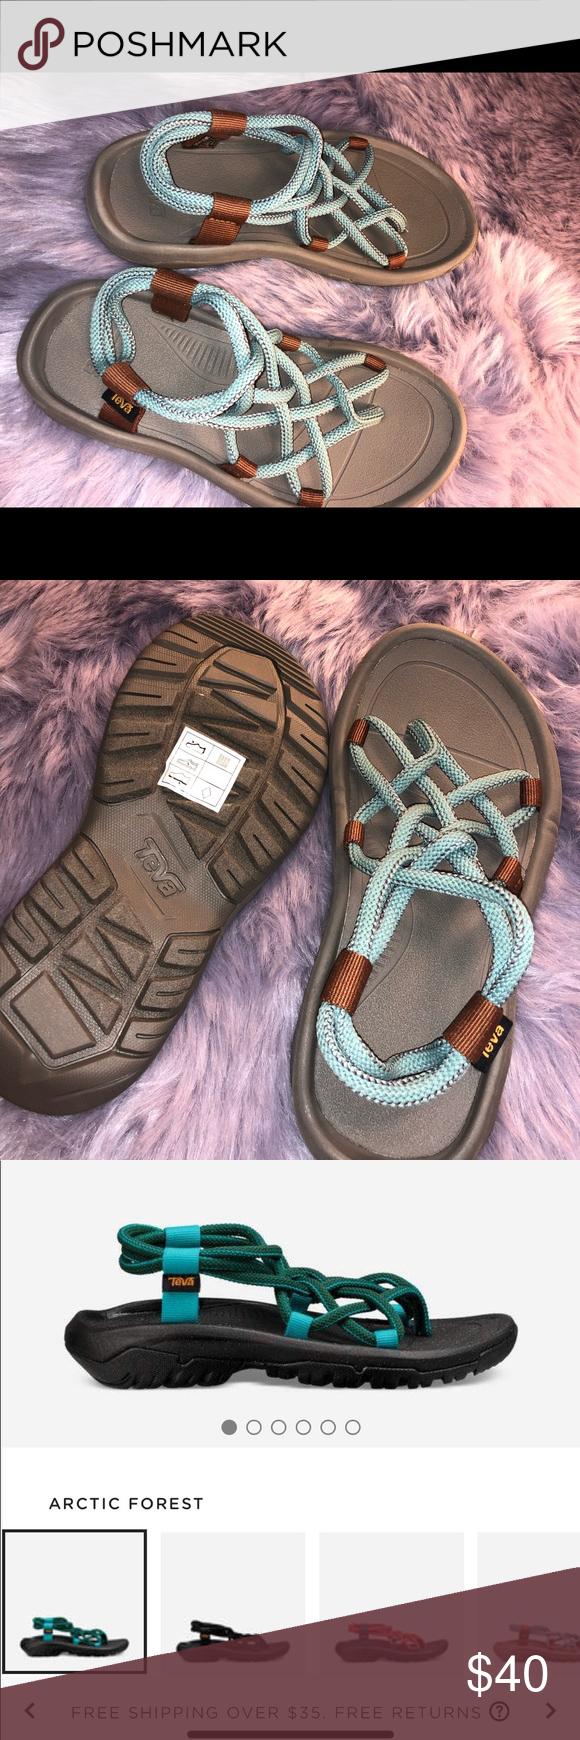 Teva Hurricane Xlt Infinity Sandal Sandals Teva Sandals Brands